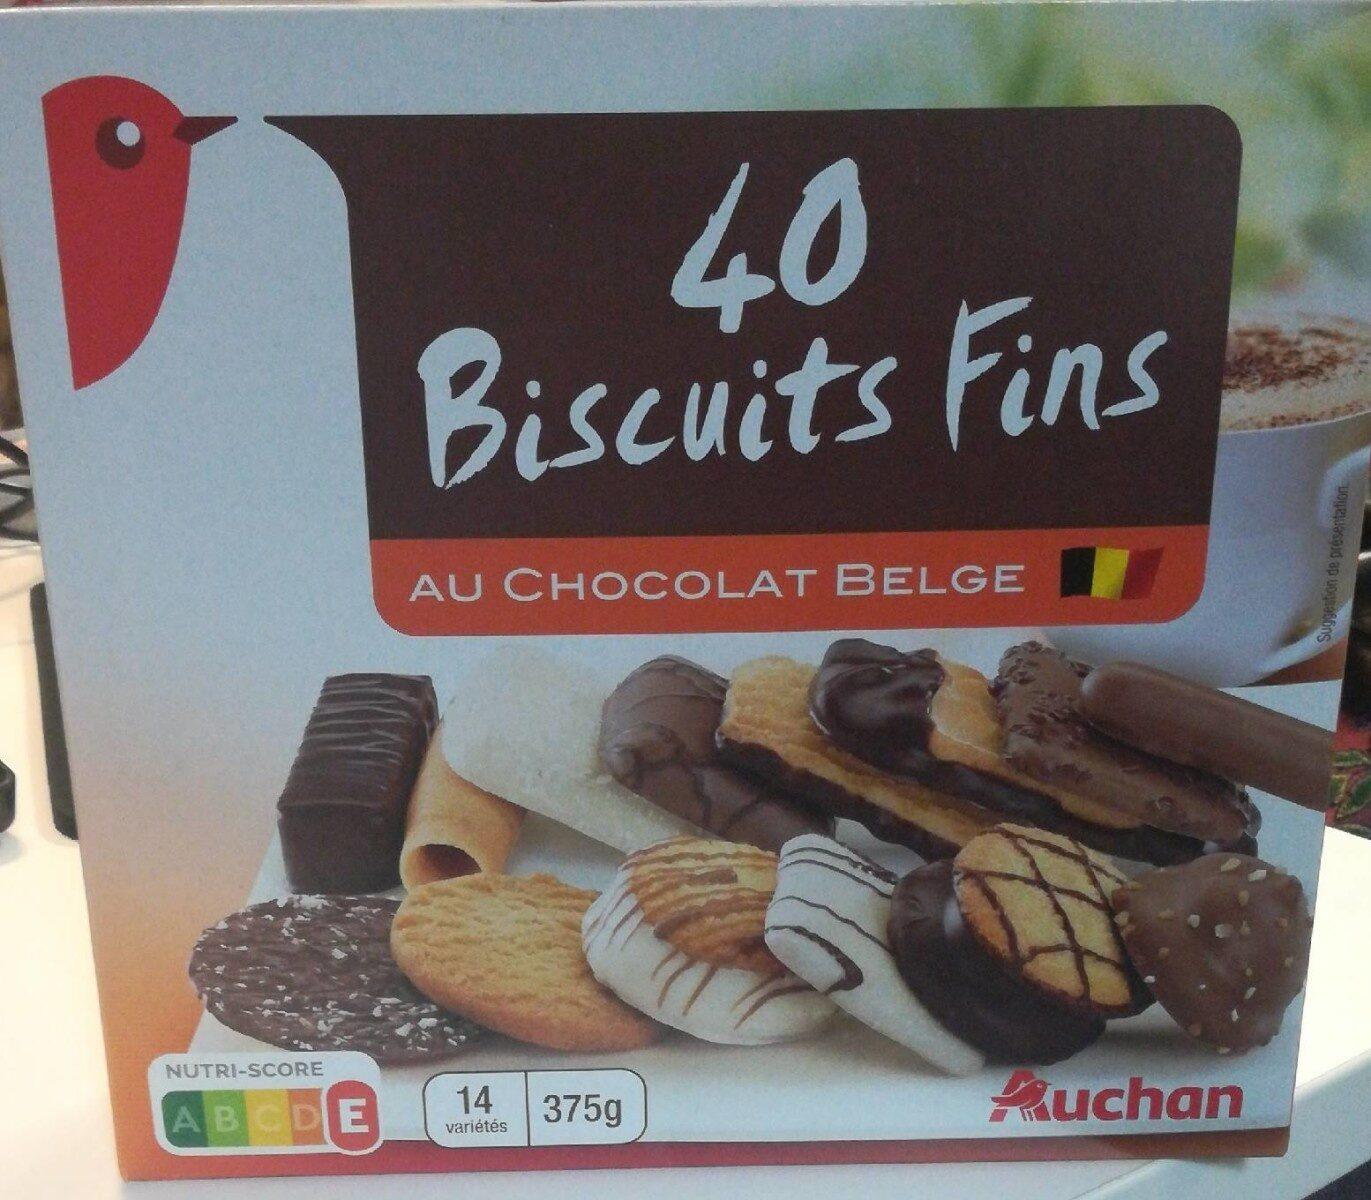 Assortiment de 40 Biscuits fins au chocolat belge - Produit